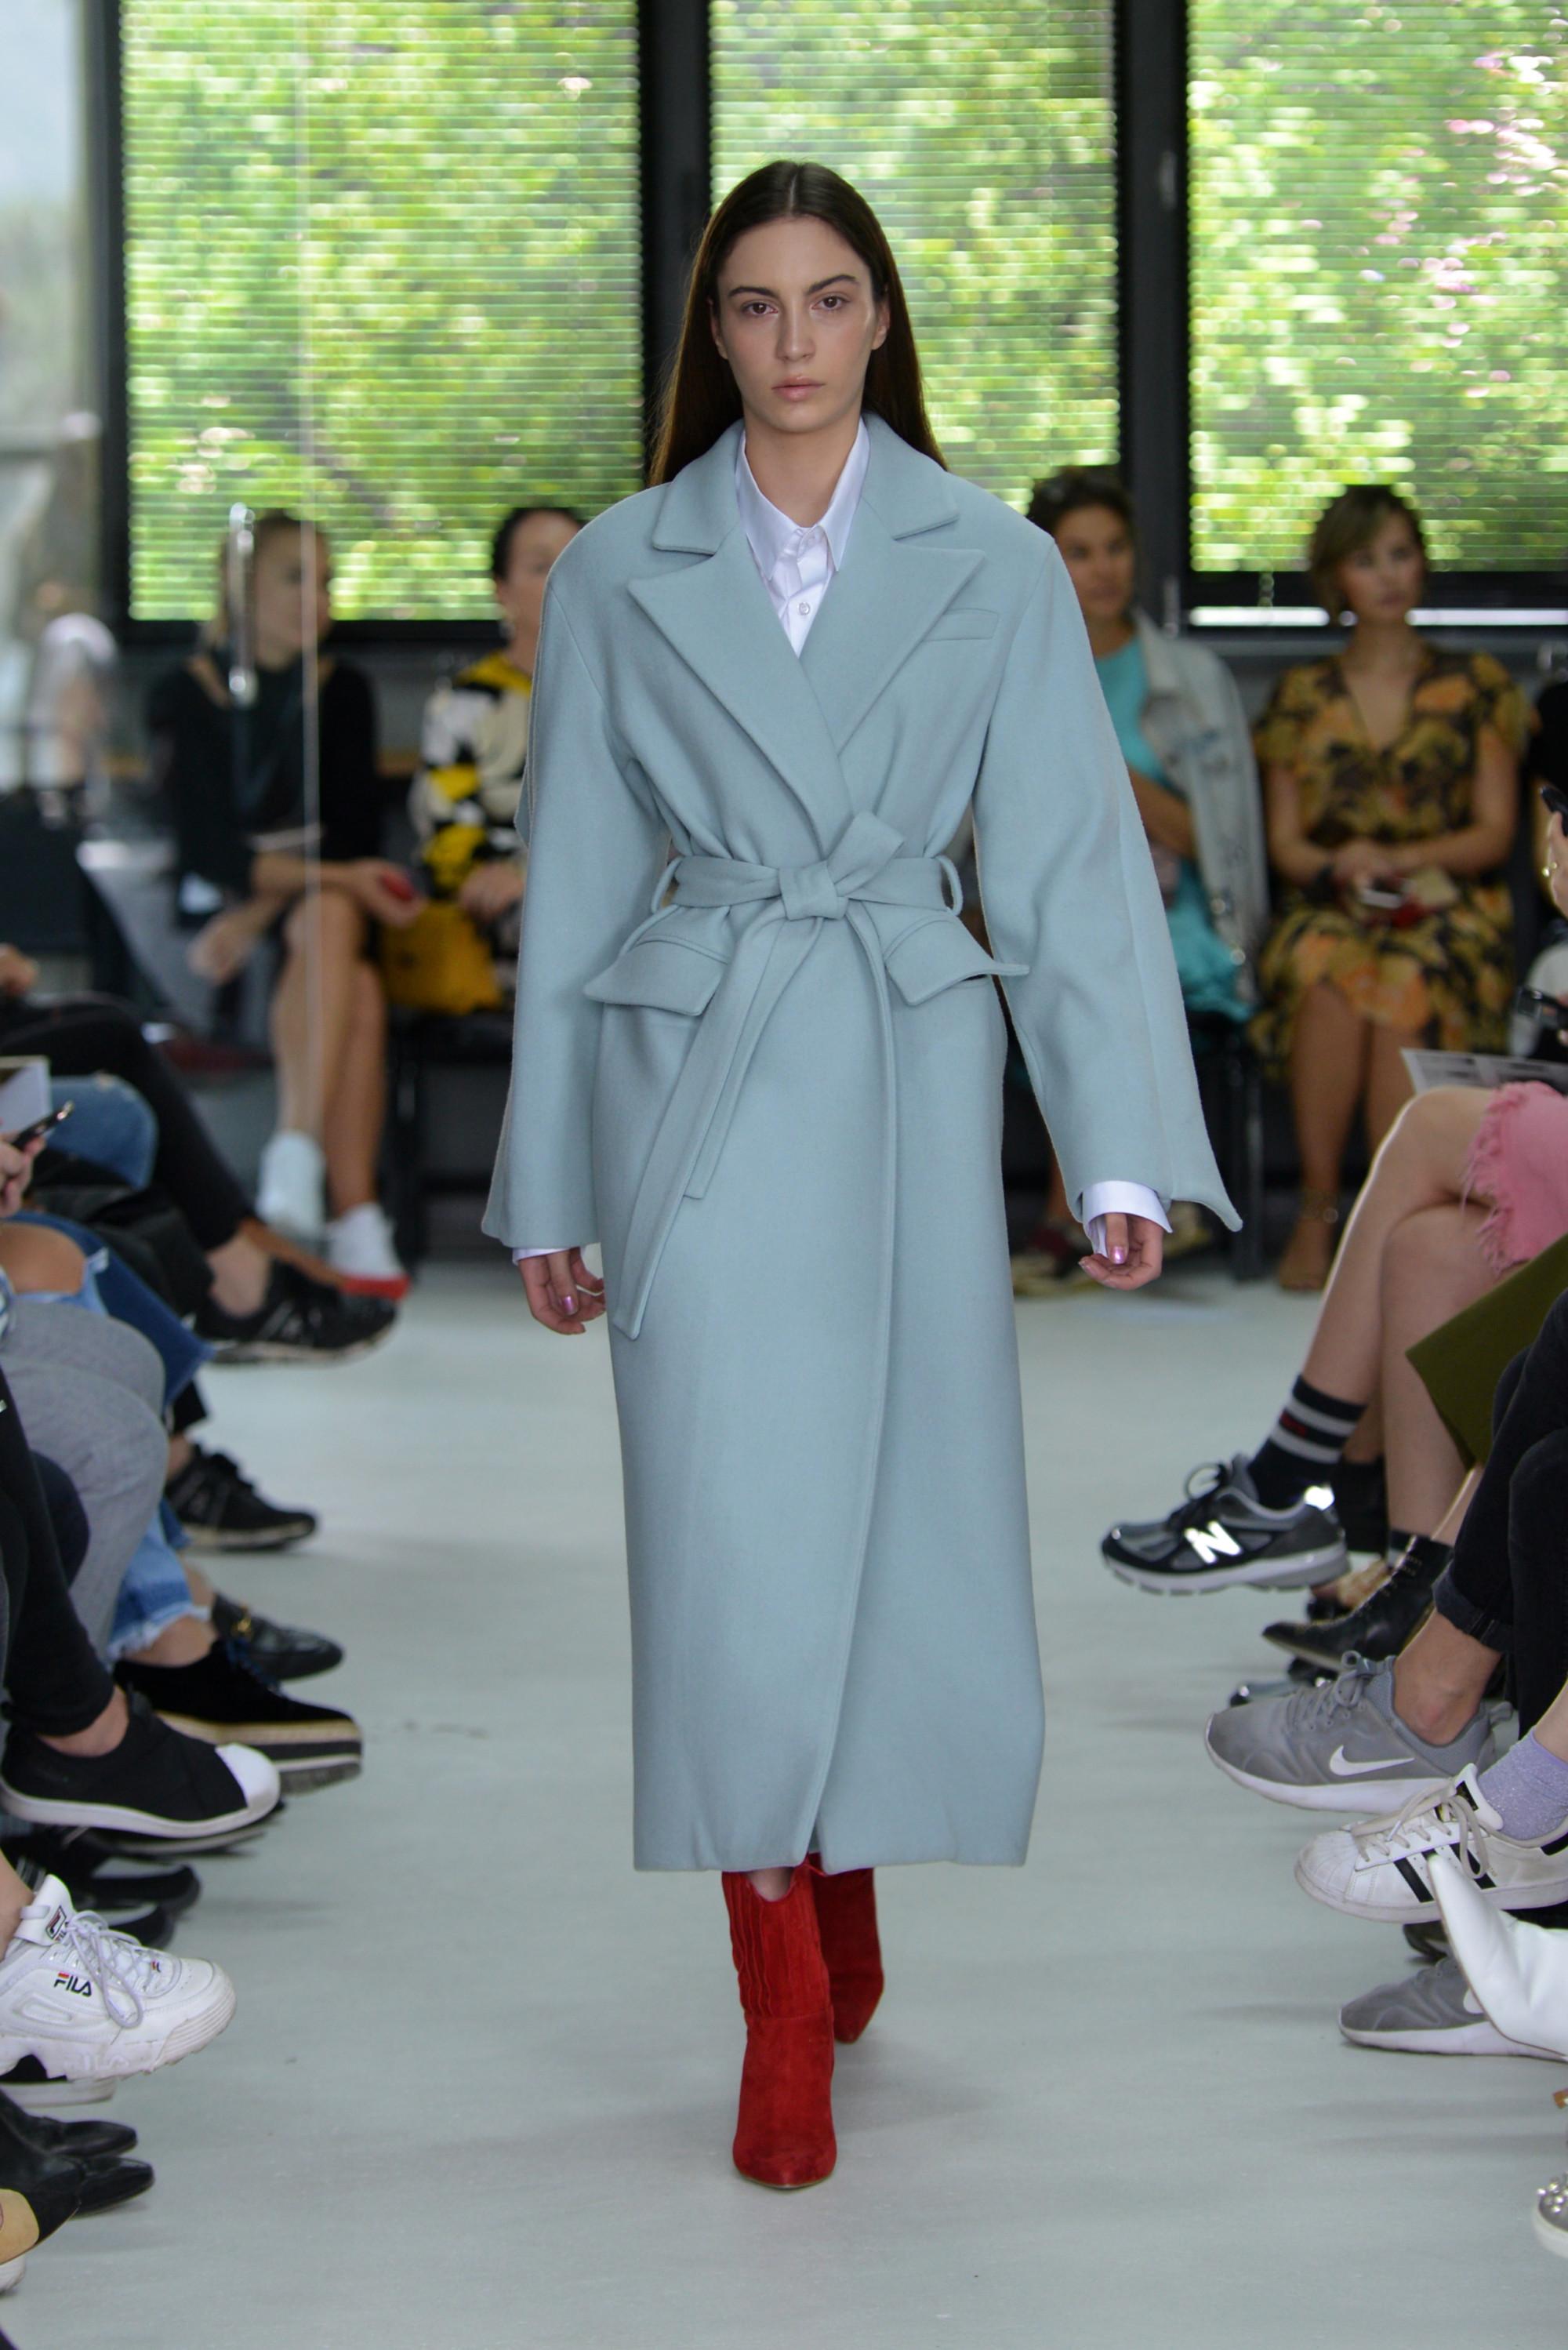 Matériel by Aleksander Akhalkatsishvili длинное пальто 2019 голубого цвета